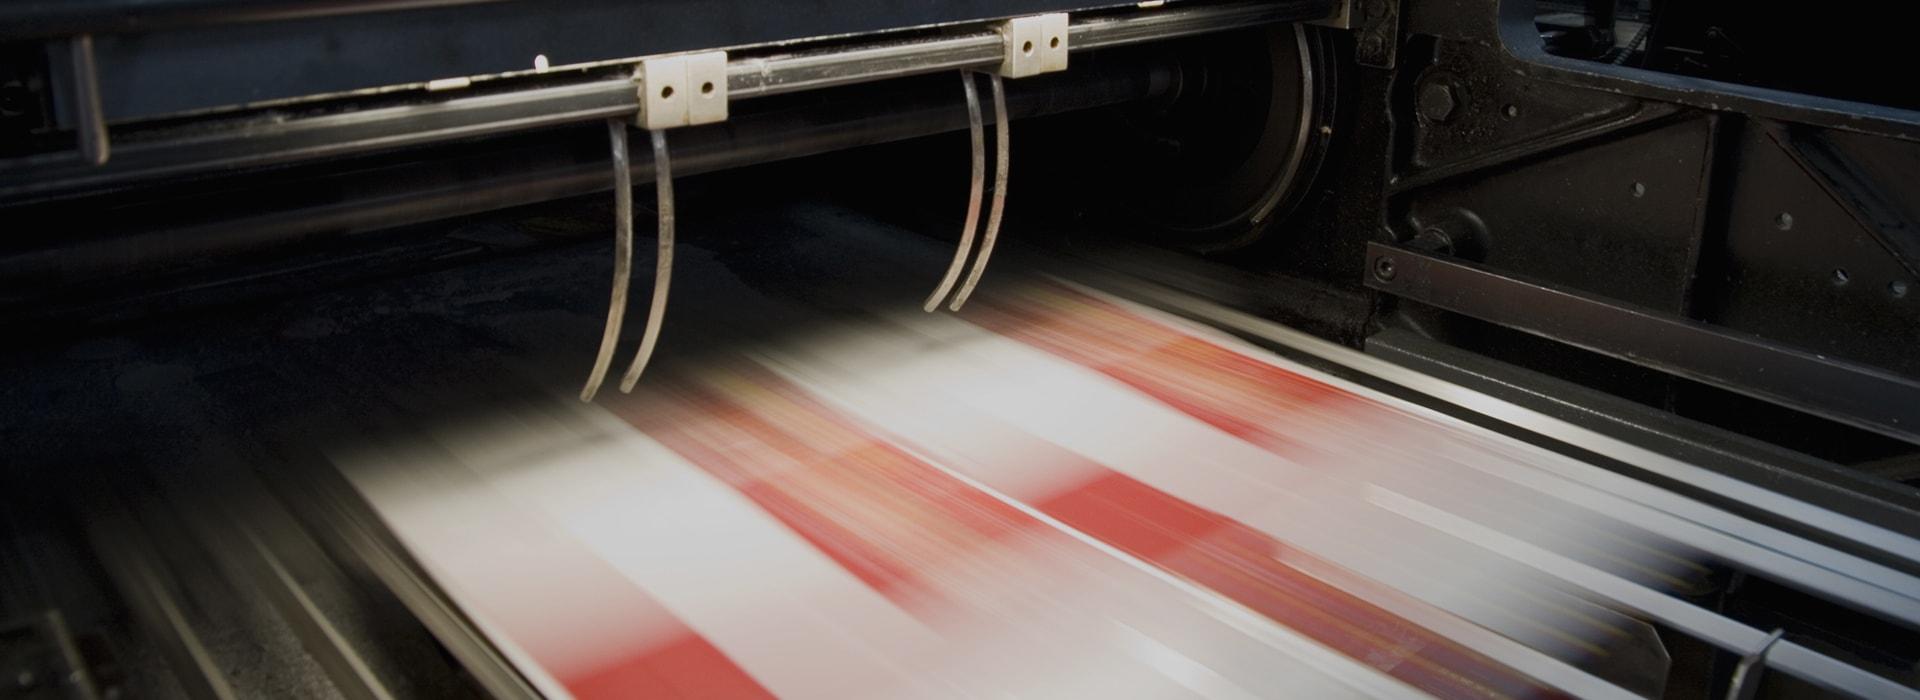 impression-textile-clem-min